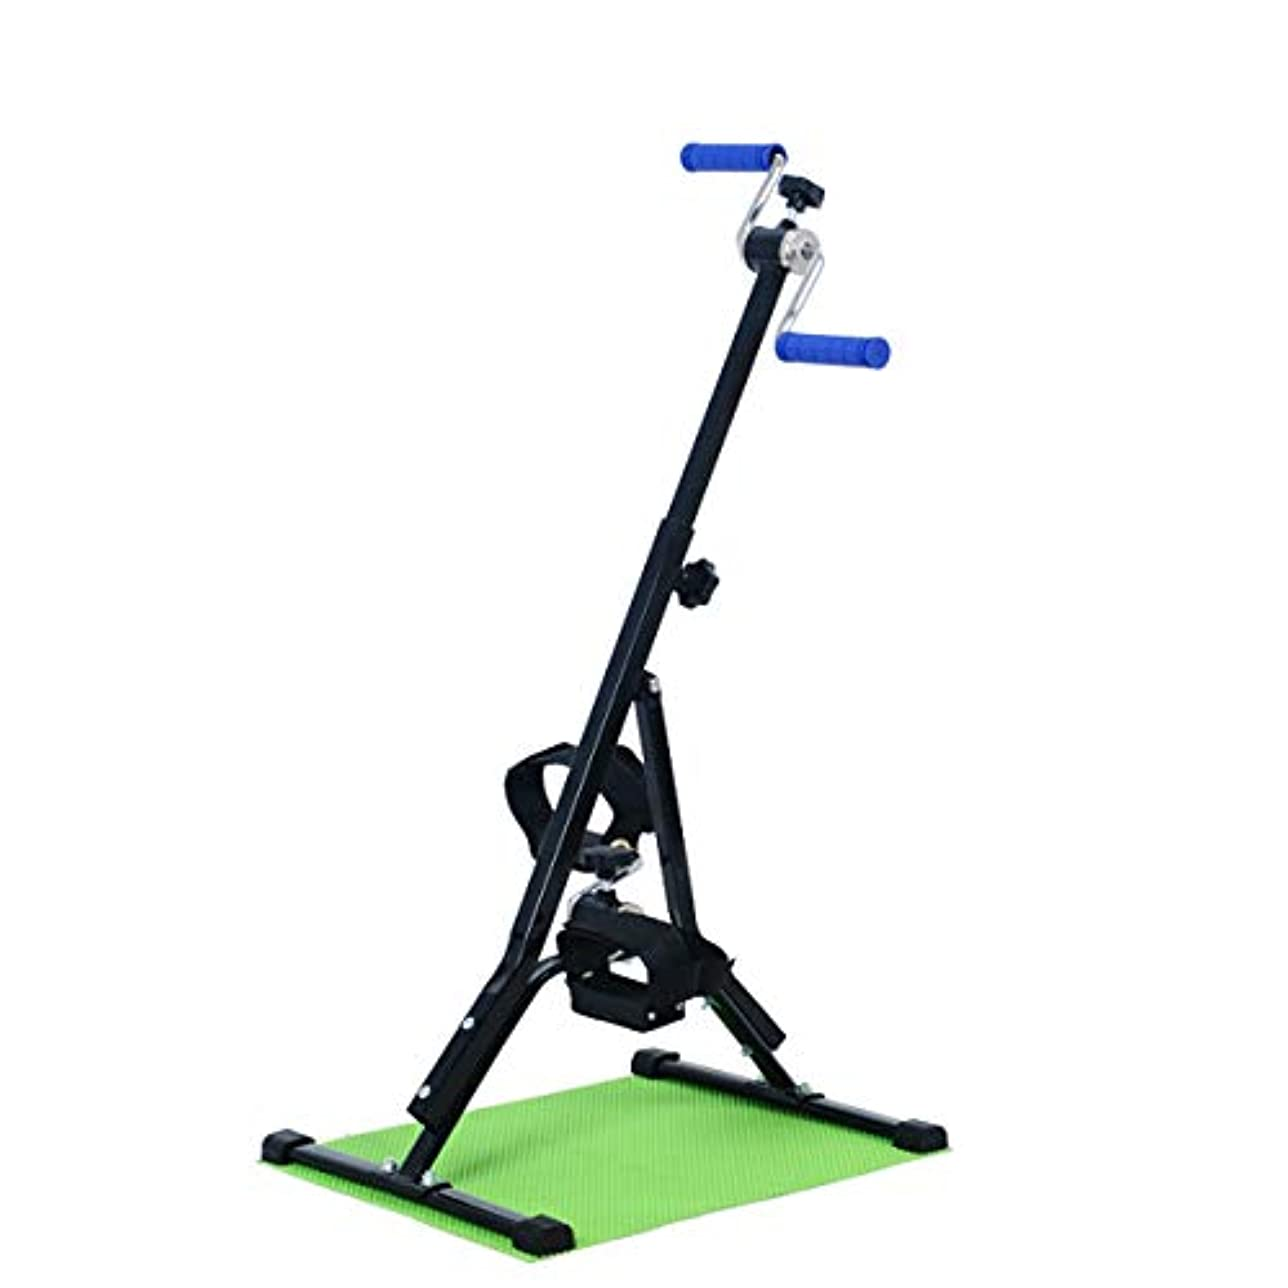 うれしいペンフレンド影のある上下肢トレーニング機器、ホームレッグアームペダルエクササイザー、高齢者リハビリテーションのための脳卒中片麻痺自転車ホーム理学療法フィットネスワークアウト,A